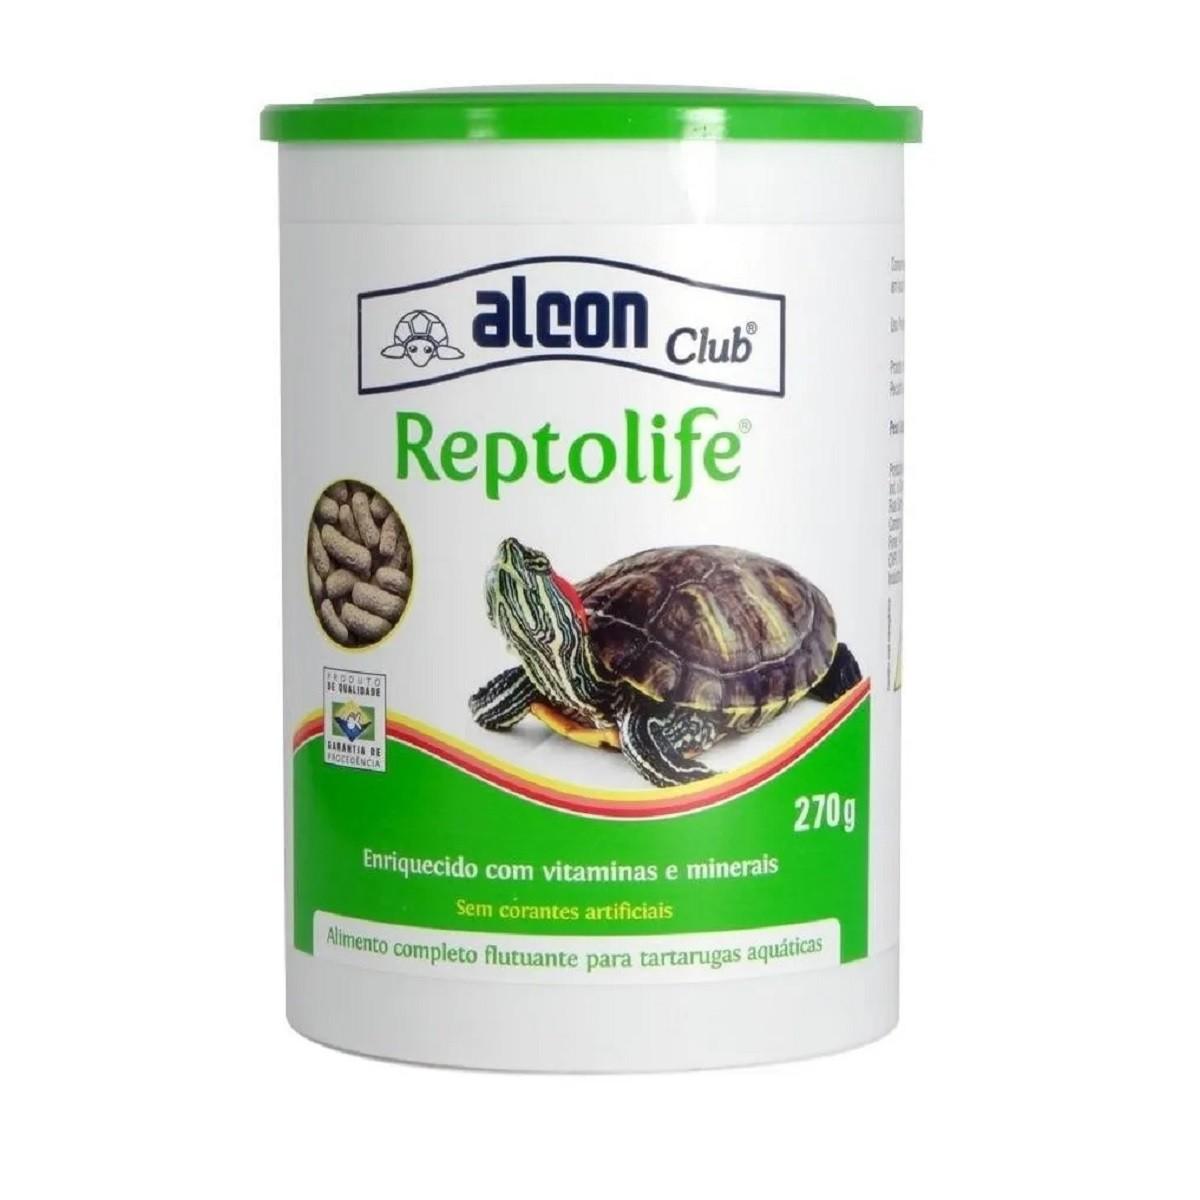 Ração Alcon Club Reptolife 270g - Para Tartarugas Aquáticas